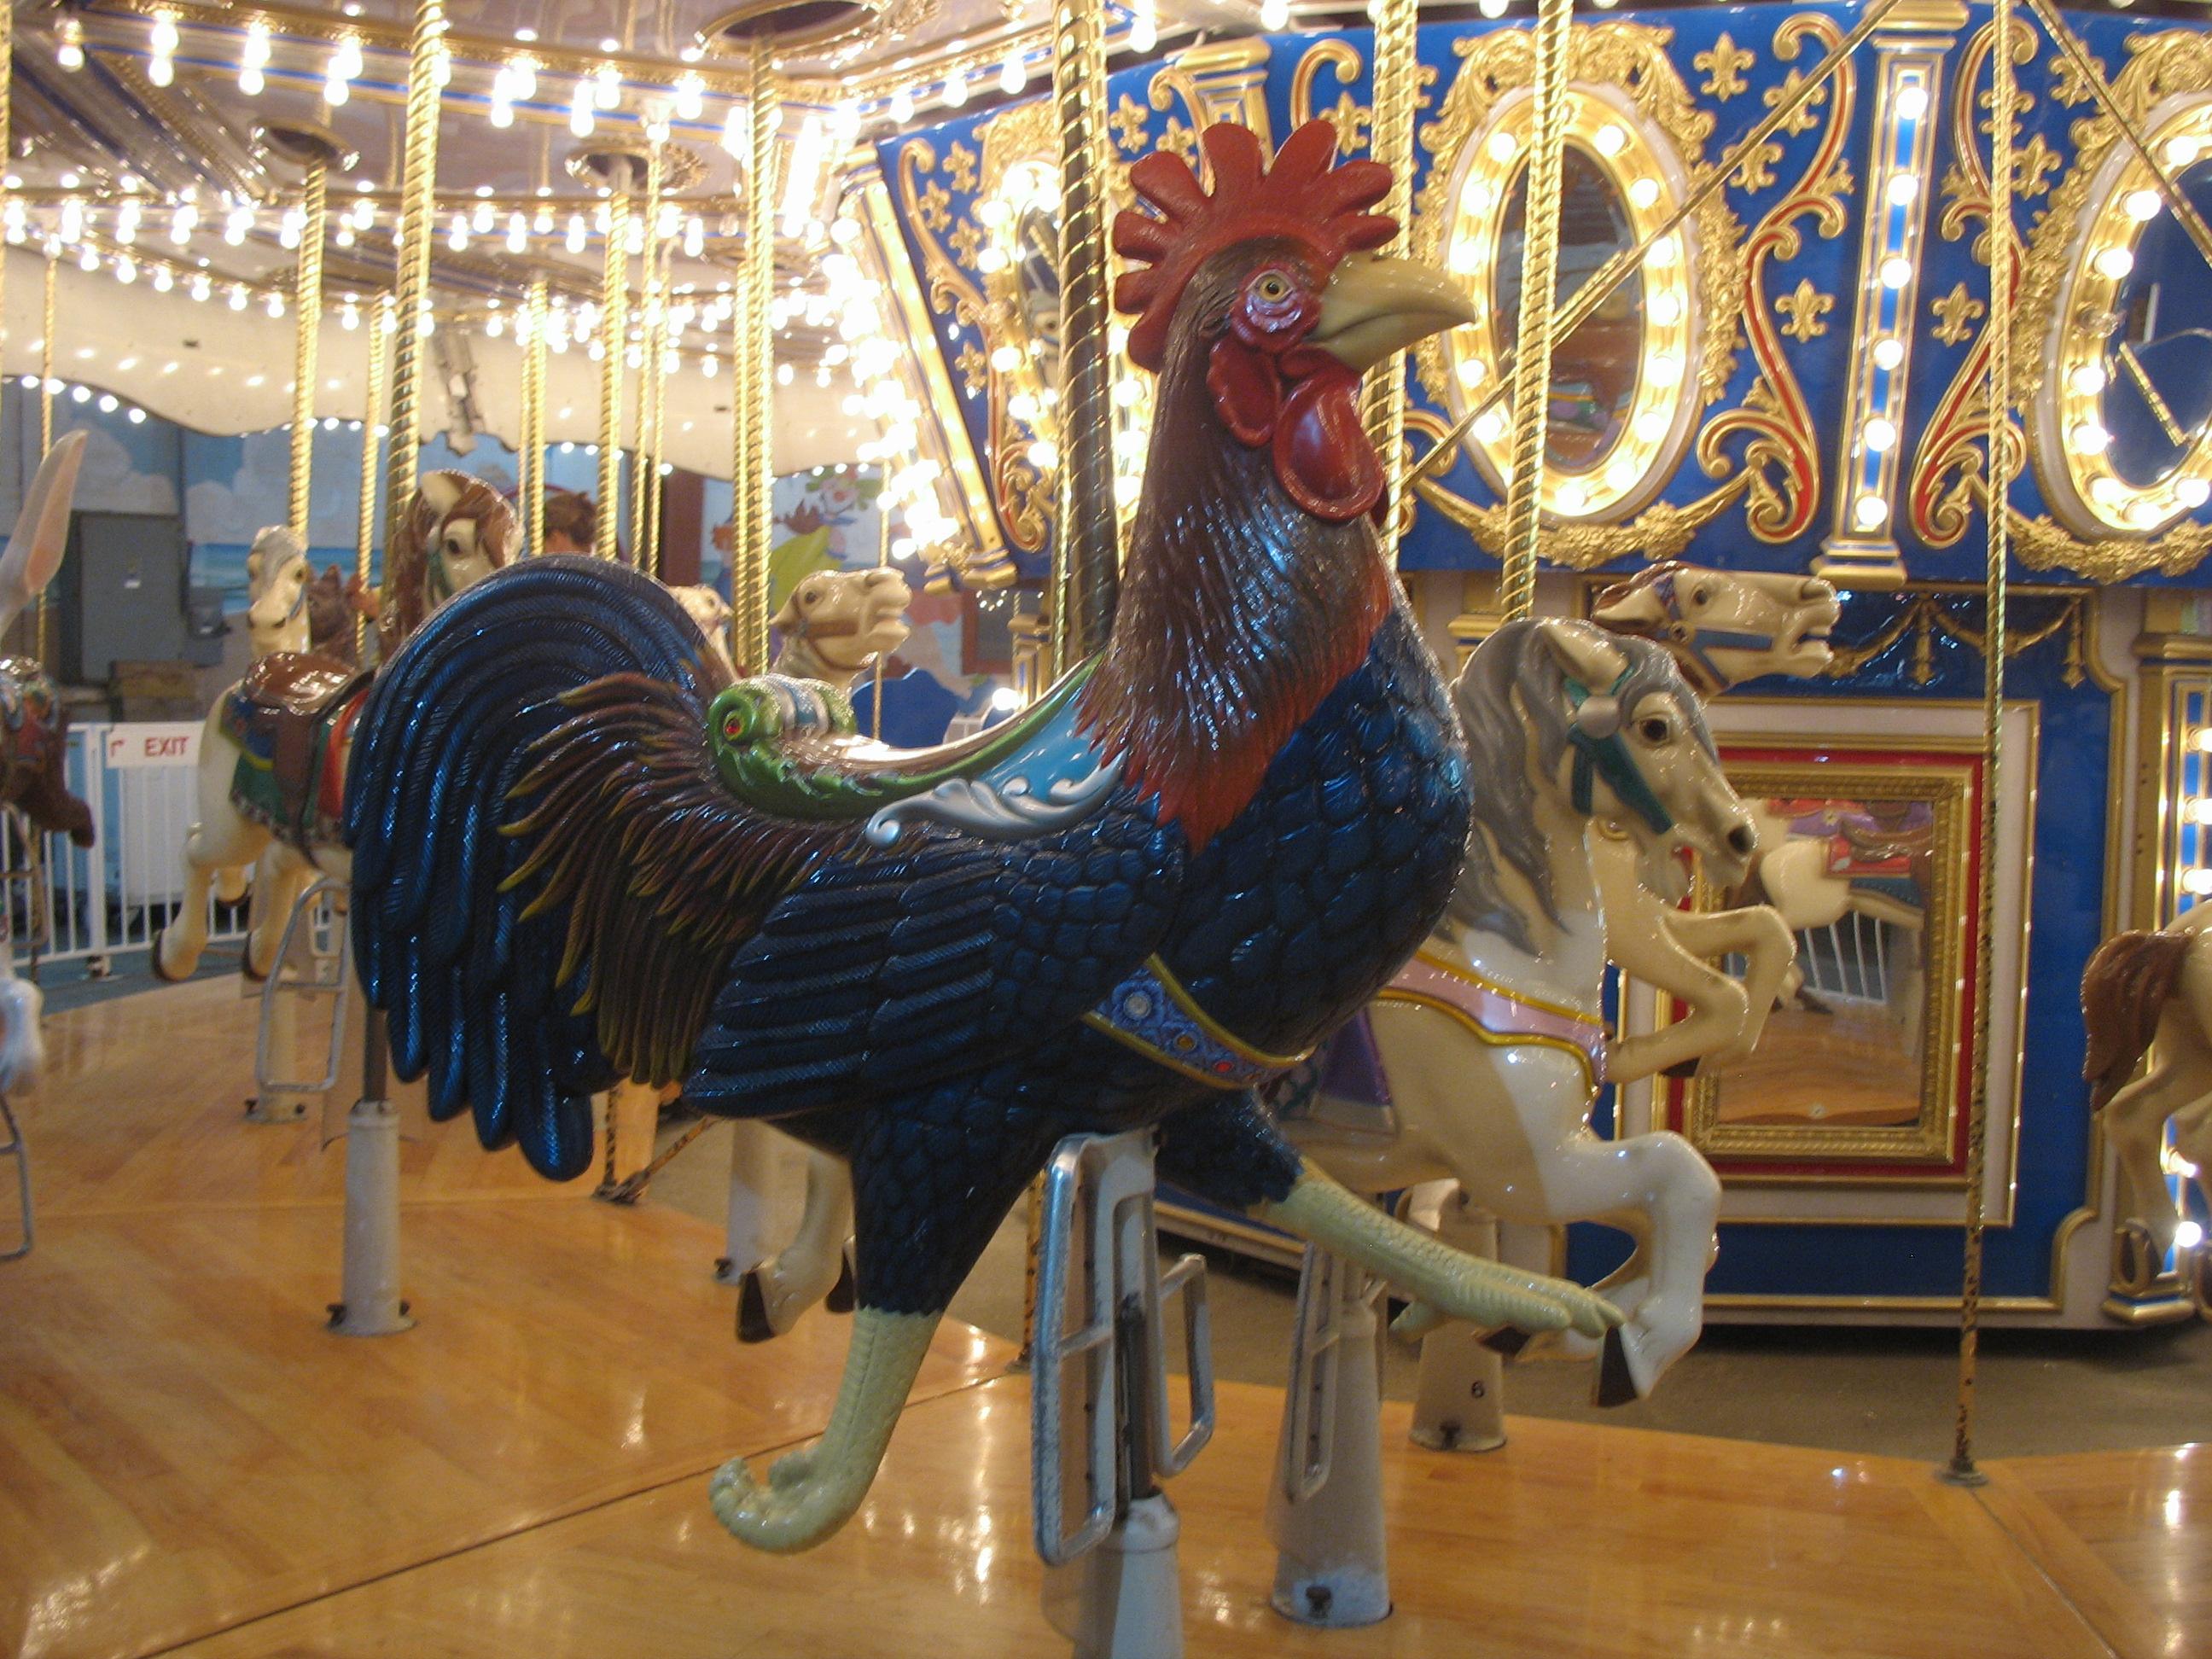 Cock carousel